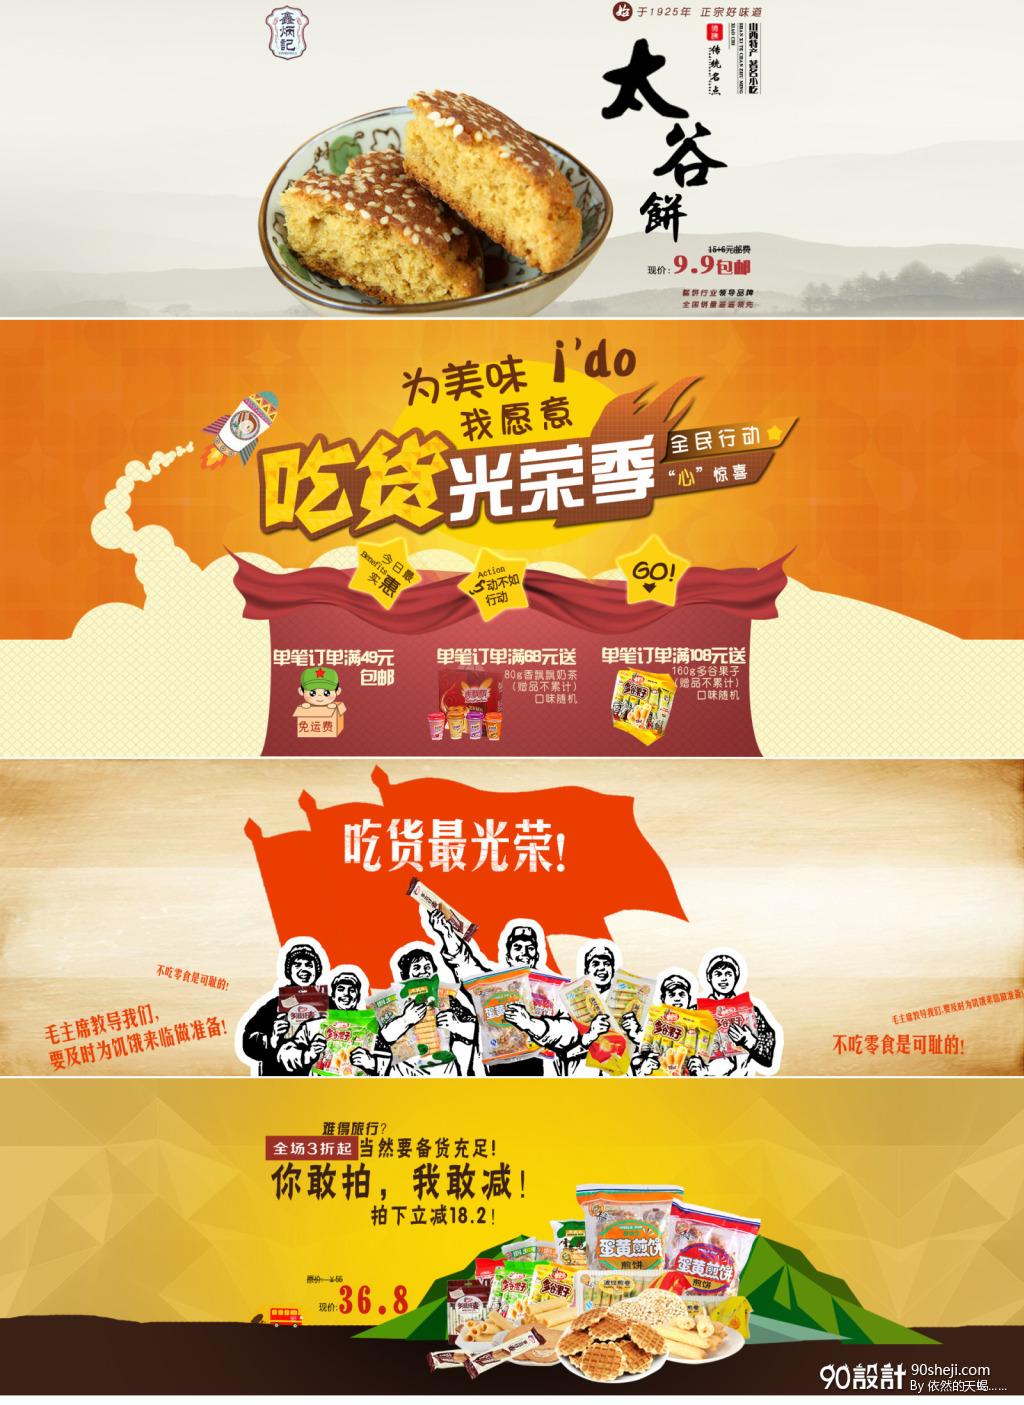 劳动海报食品海报